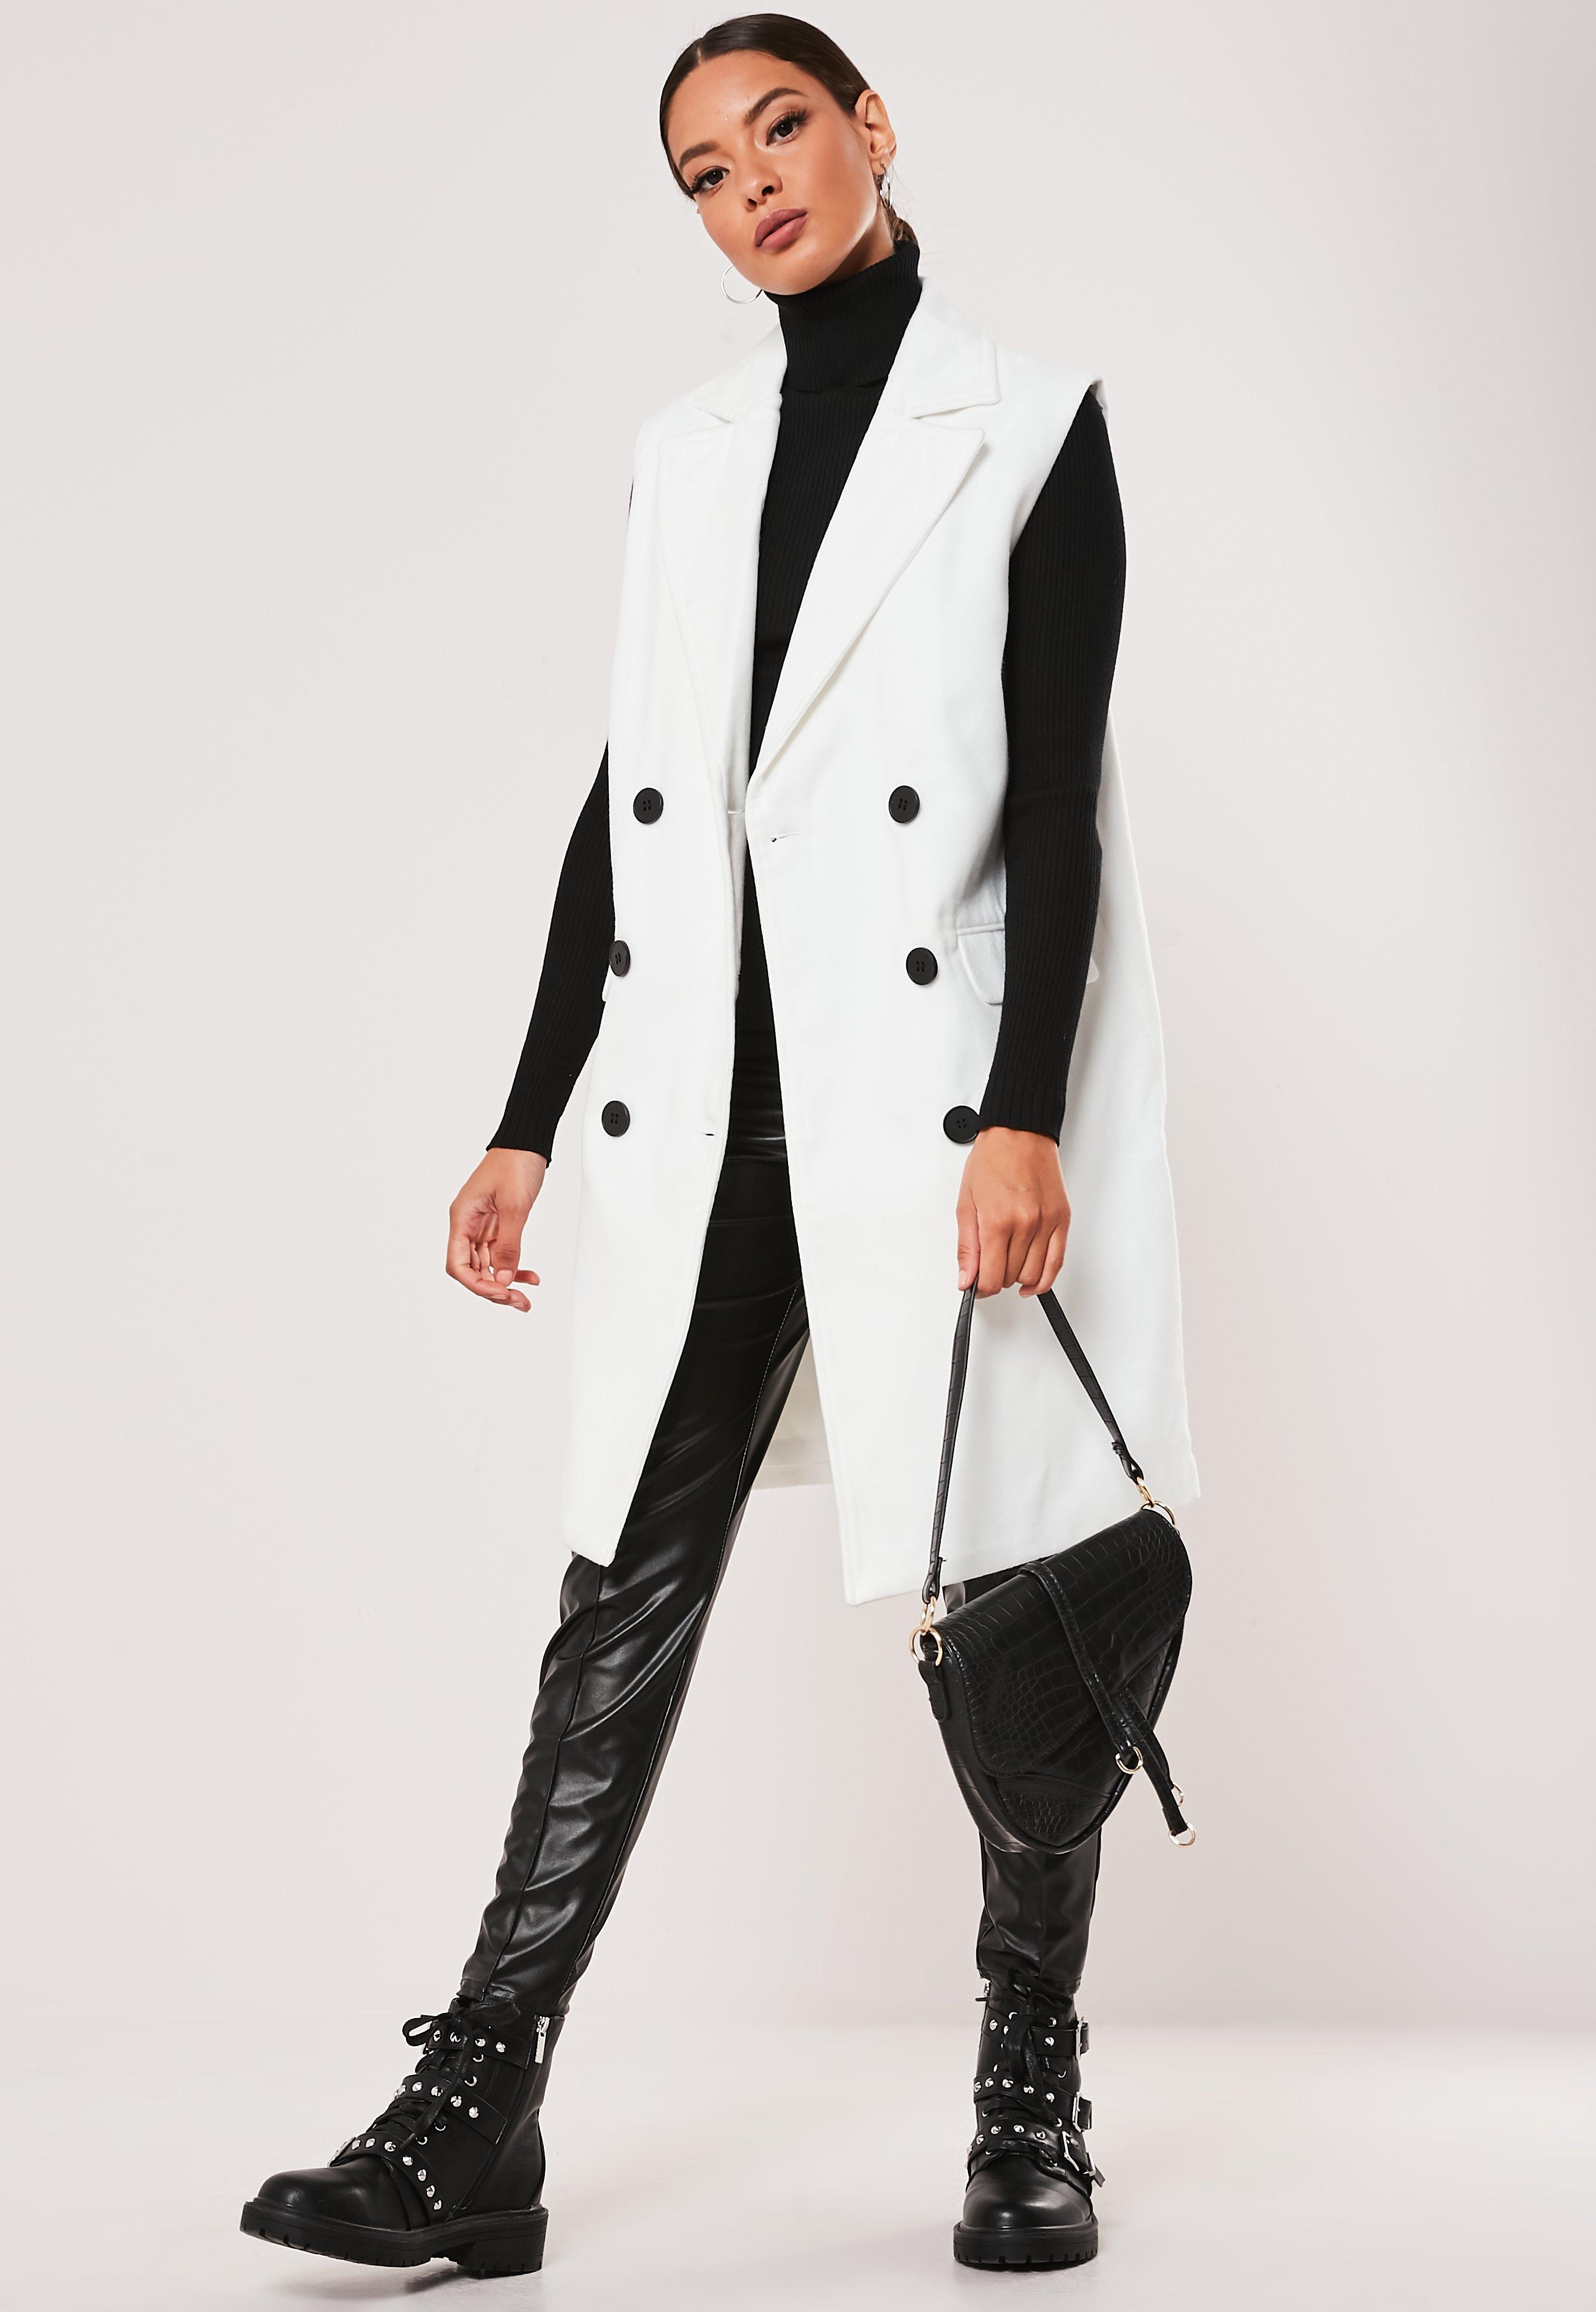 sports shoes 03732 0c274 Ärmelloser, zweireihiger, eleganter Mantel in Weiß